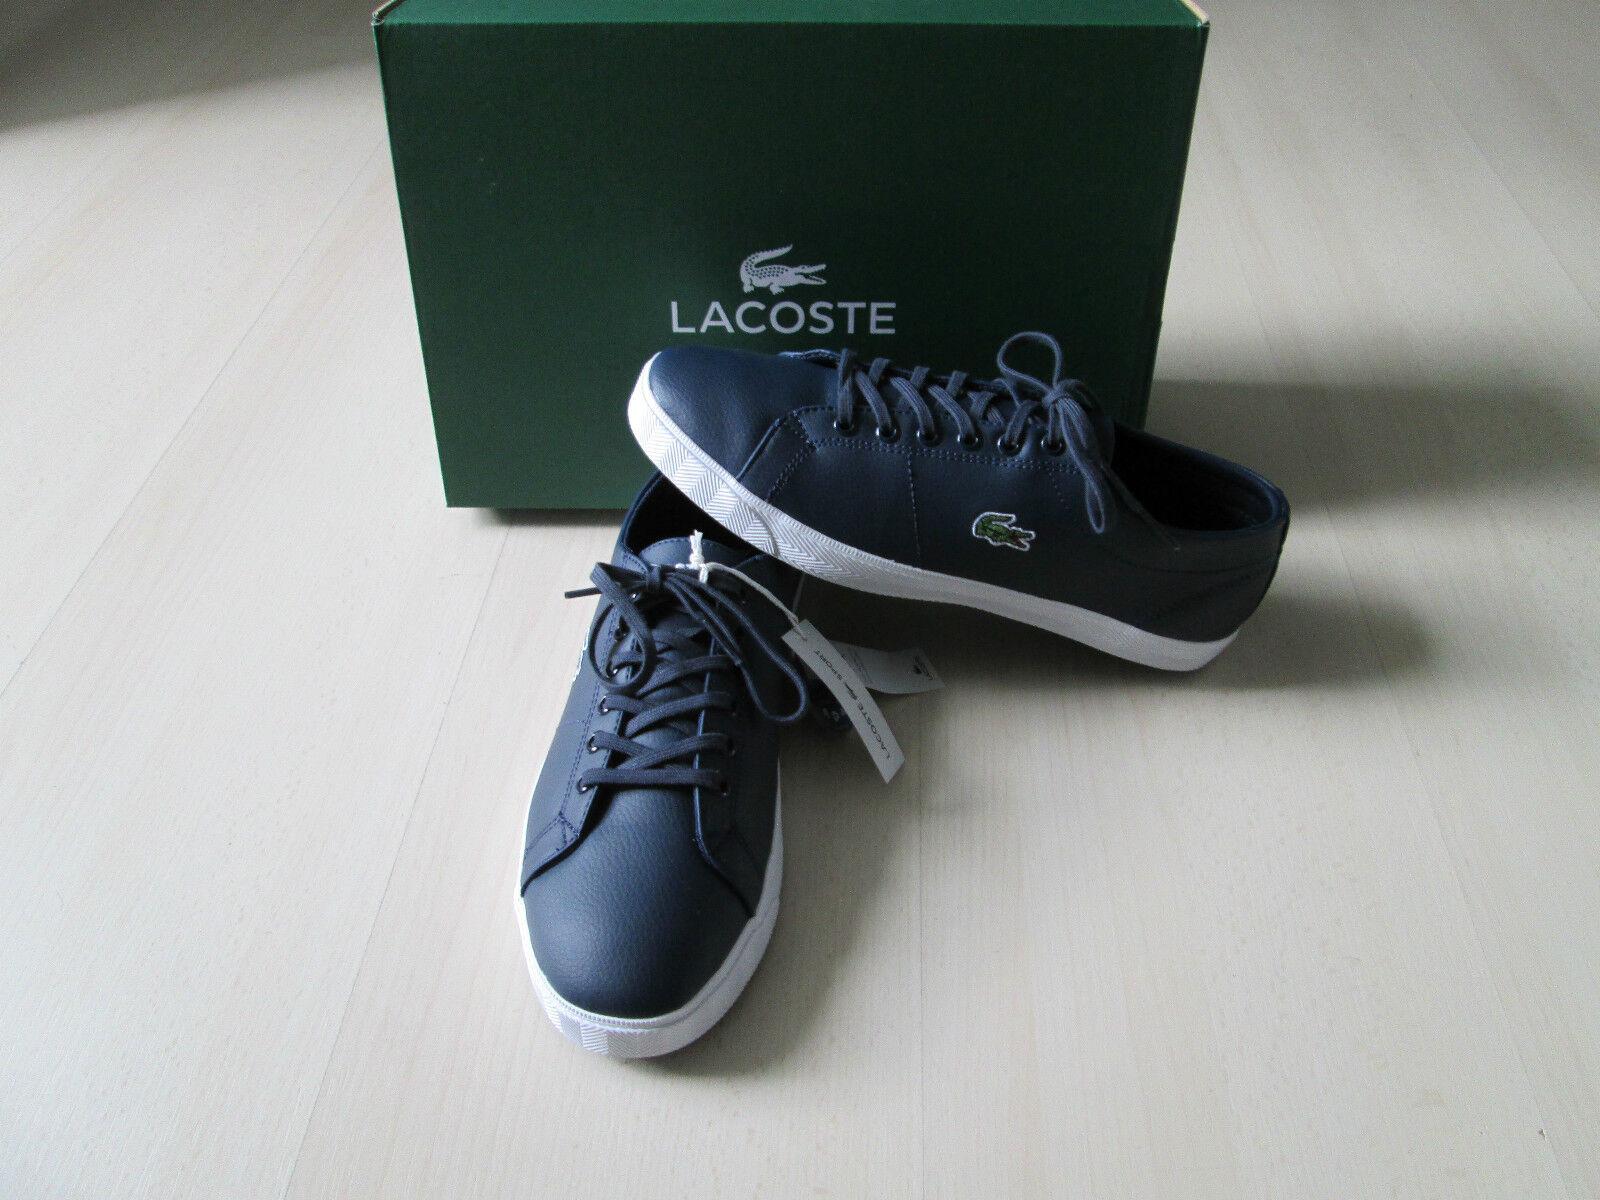 dde564cb51 Lacoste Sport Marcel Sneaker Halbschuhe in Gr.39 Neu mit Karton LCR  dunkelblau nsgbfz2178-Neue Schuhe